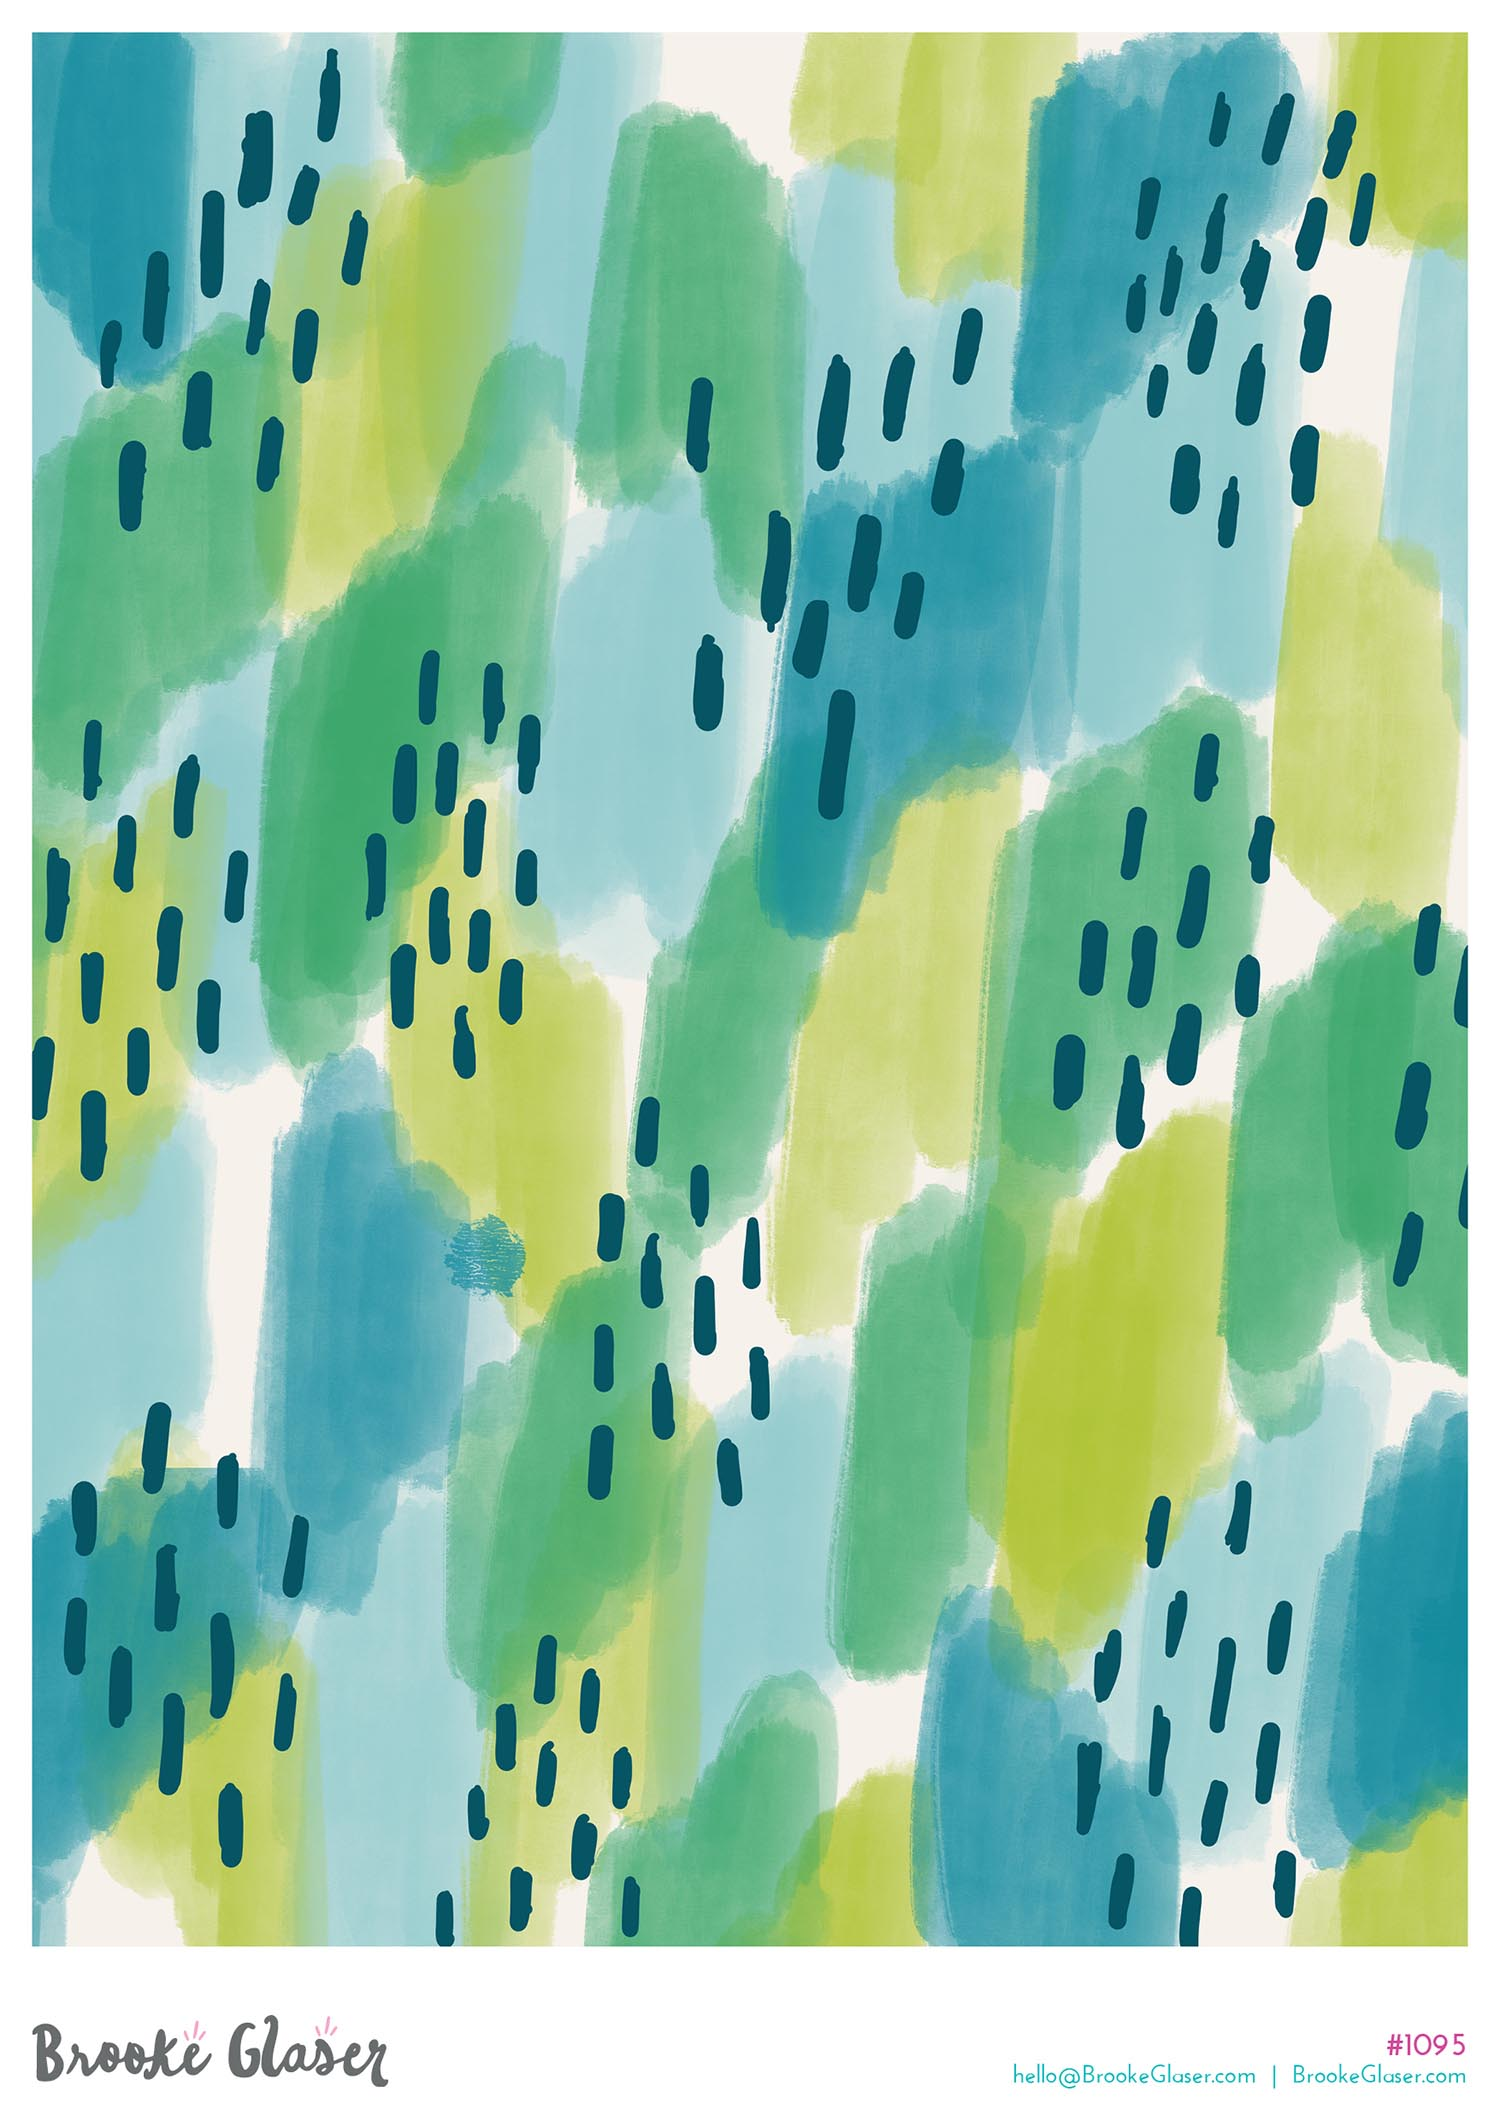 Brooke-Glaser-Prints29.jpg